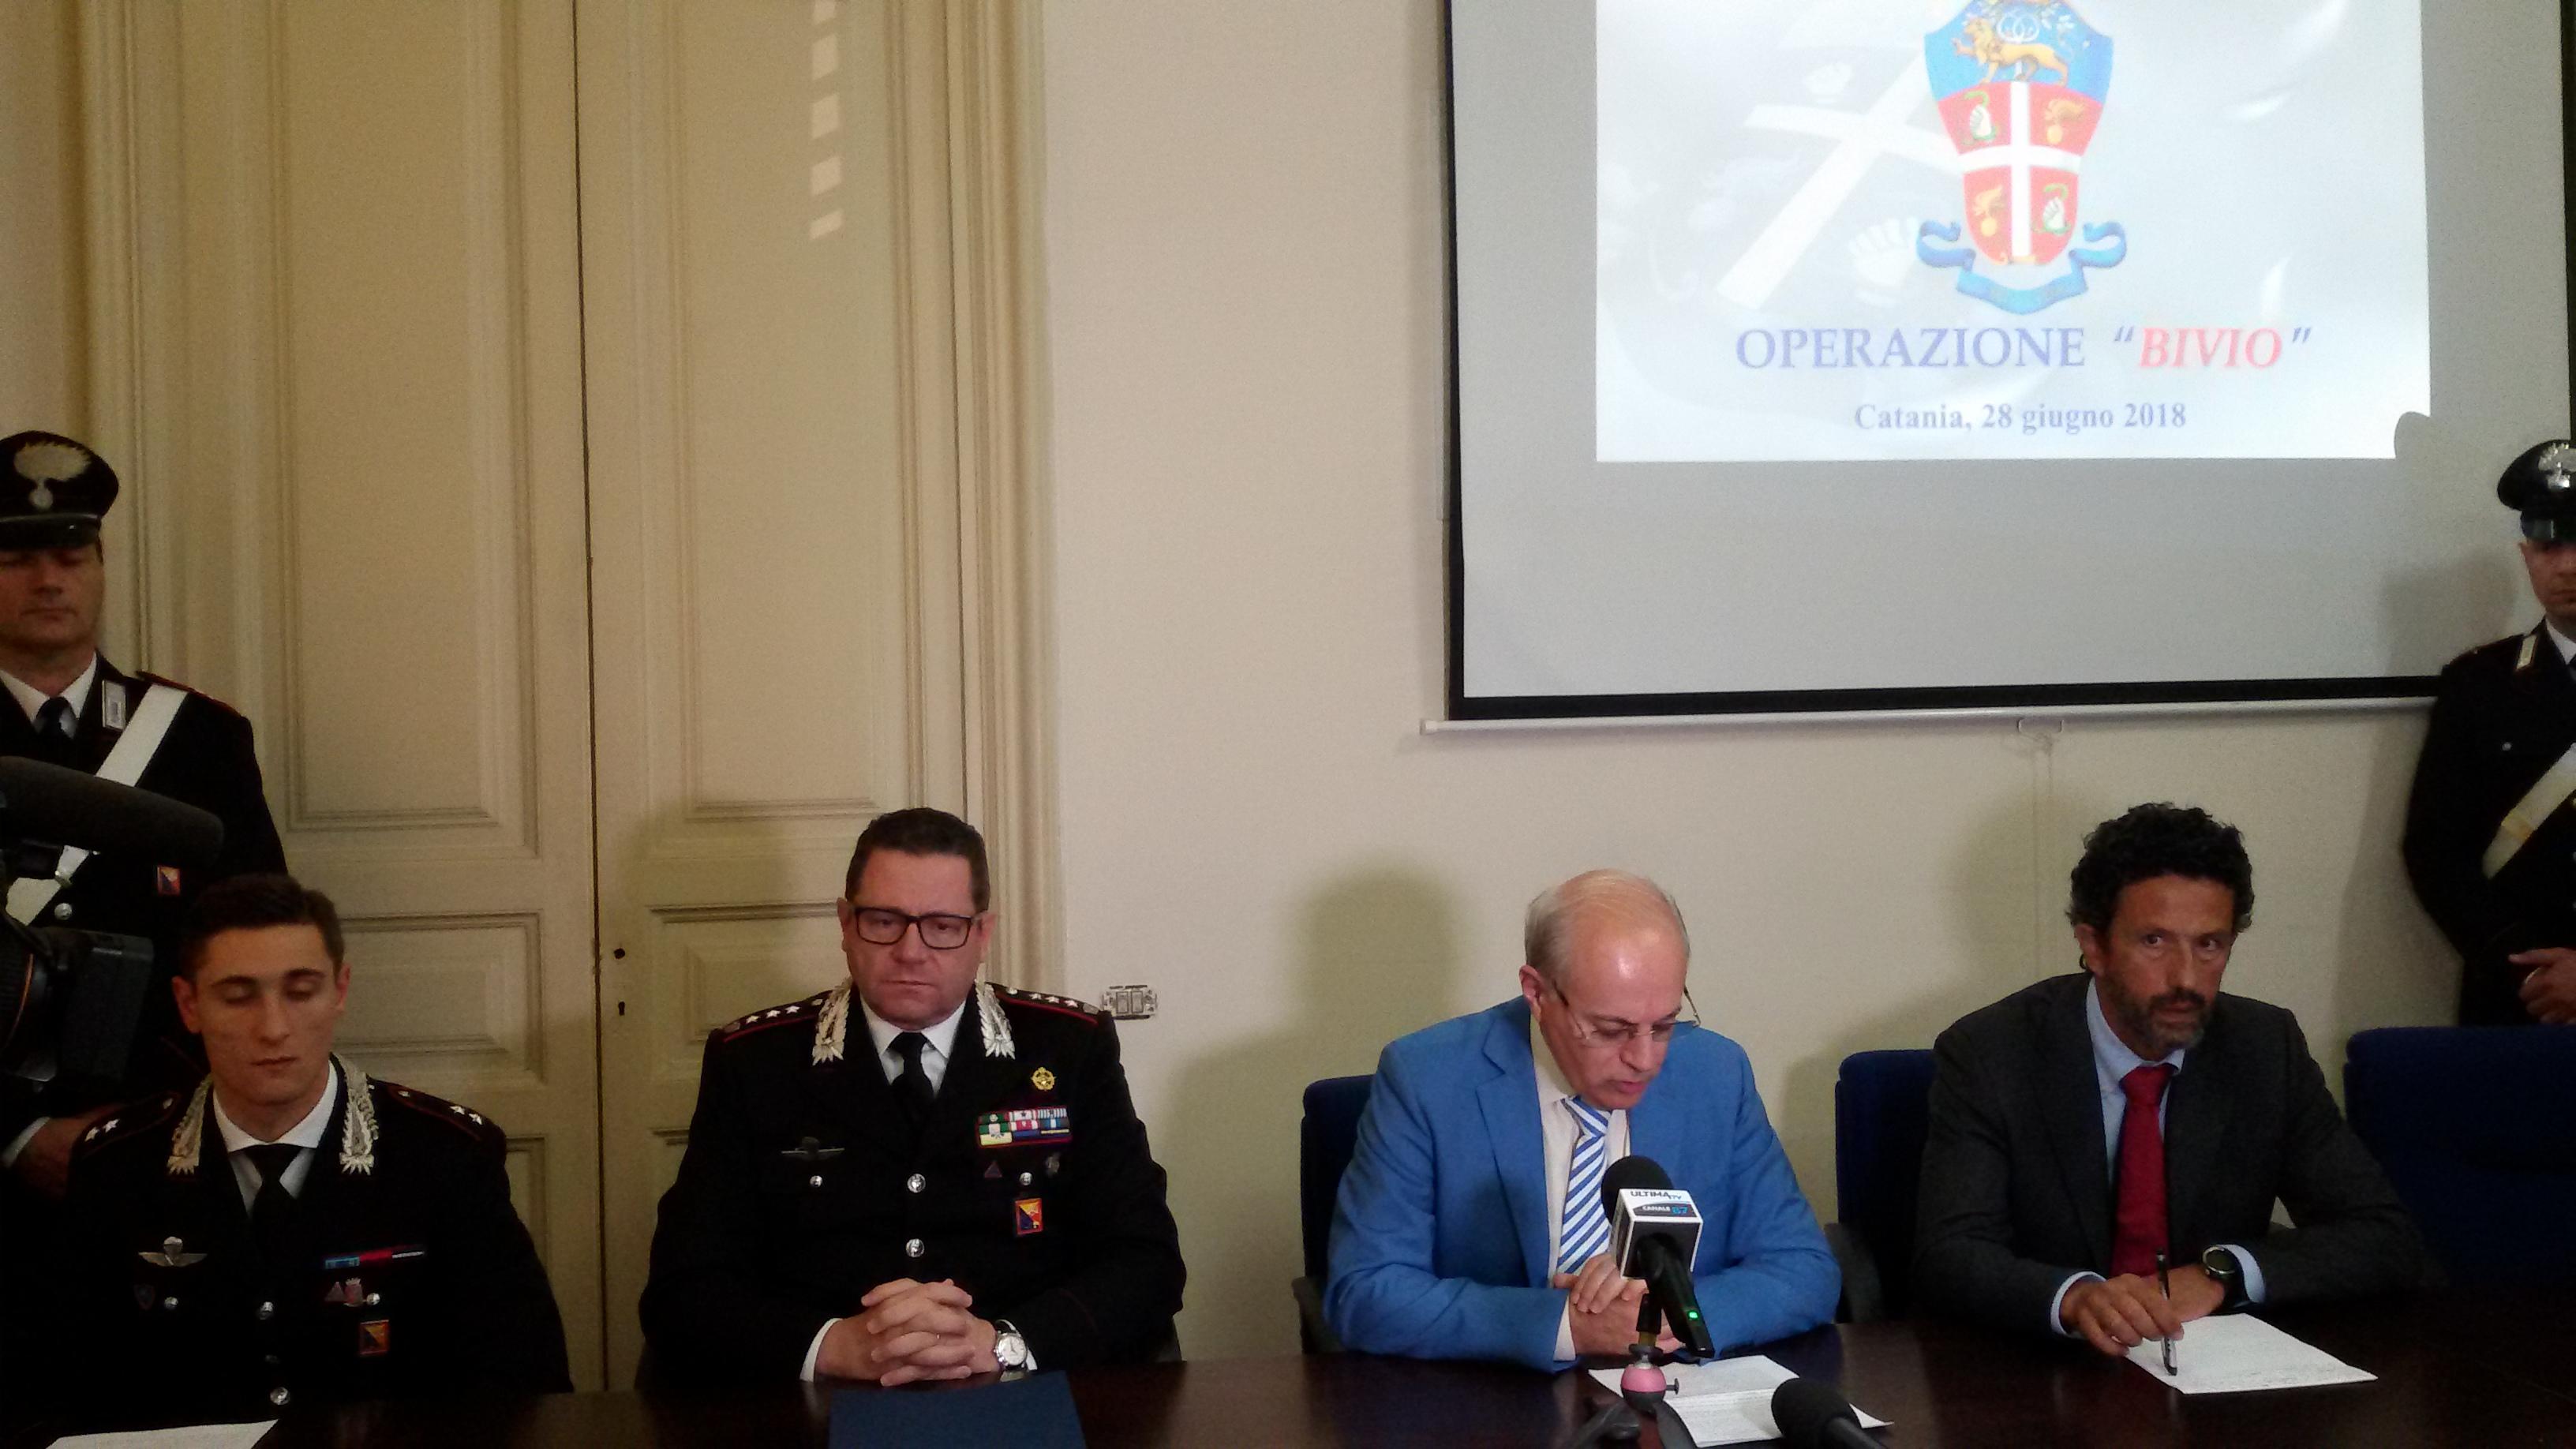 """Operazione """"Bivio"""" a San Cristoforo contro piazze di spaccio: i Carabinieri arrestano 27 persone"""